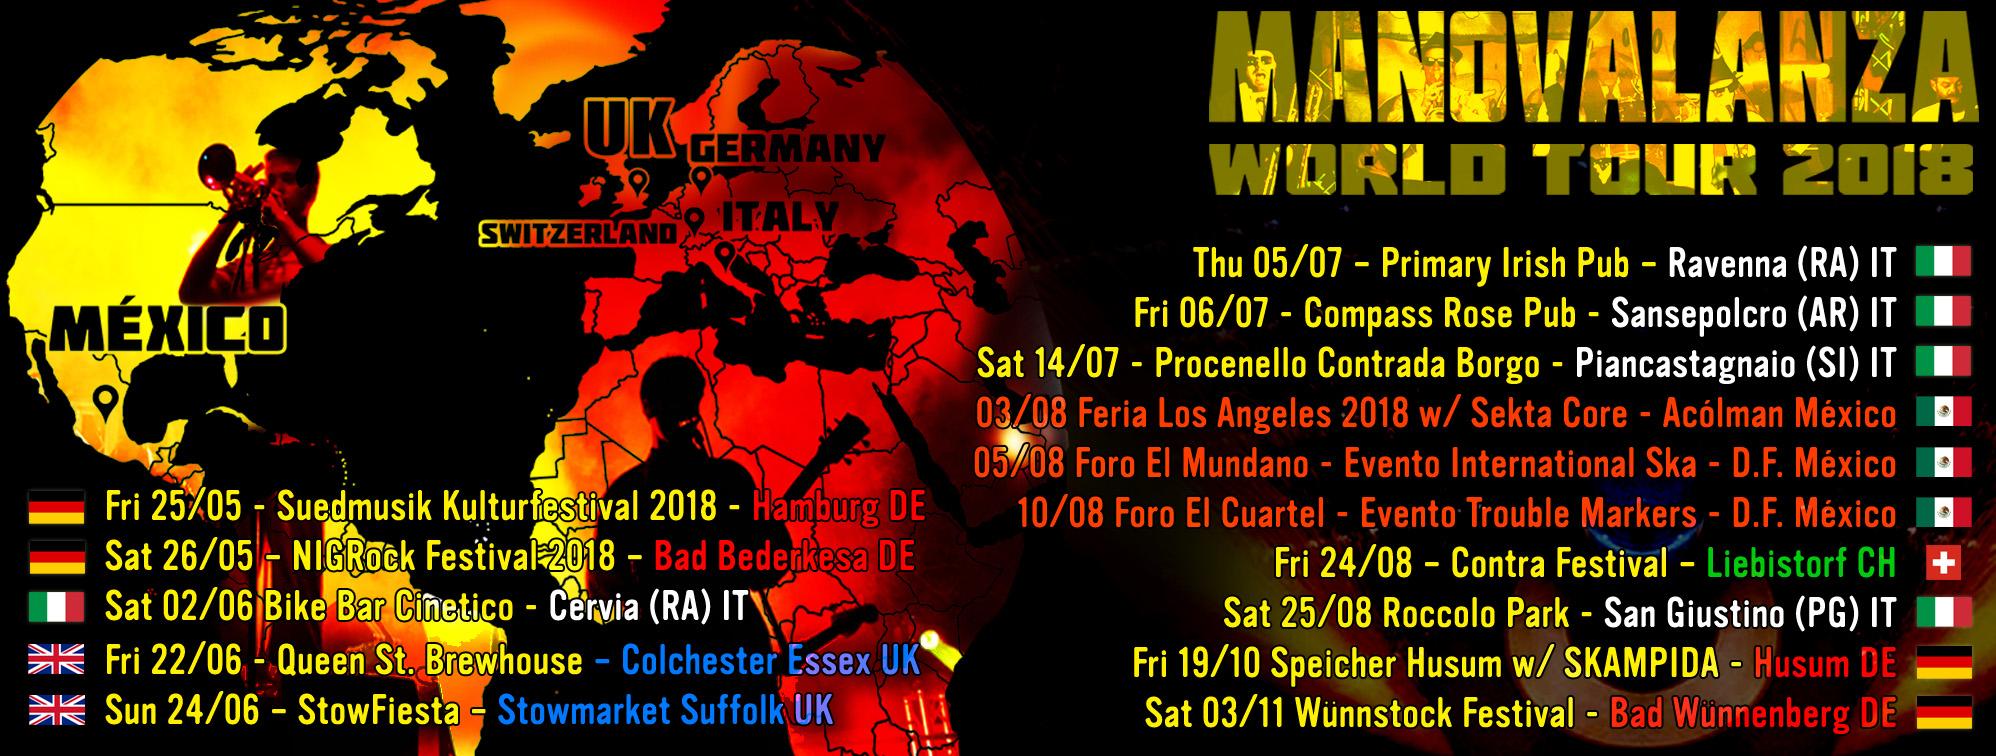 Manovalanza dates 2018